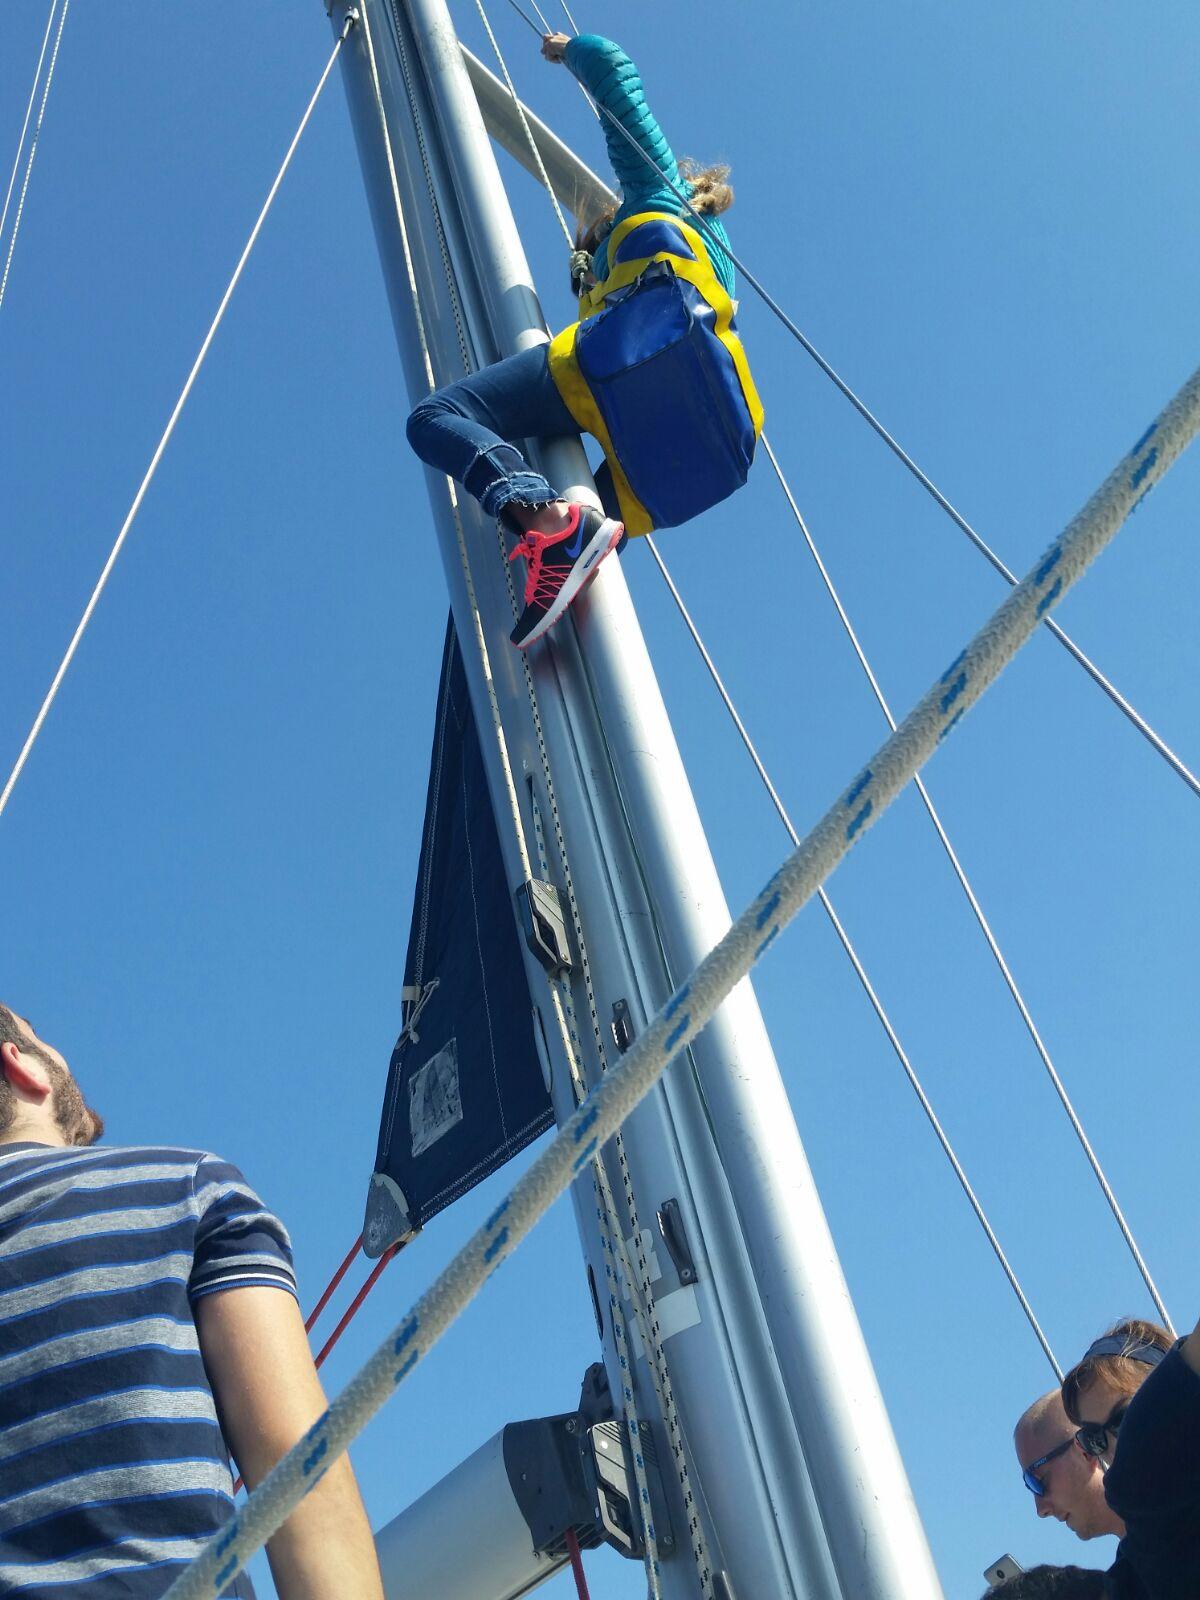 Marinero de Puente - prácticas - FP del MAR - Escola Port